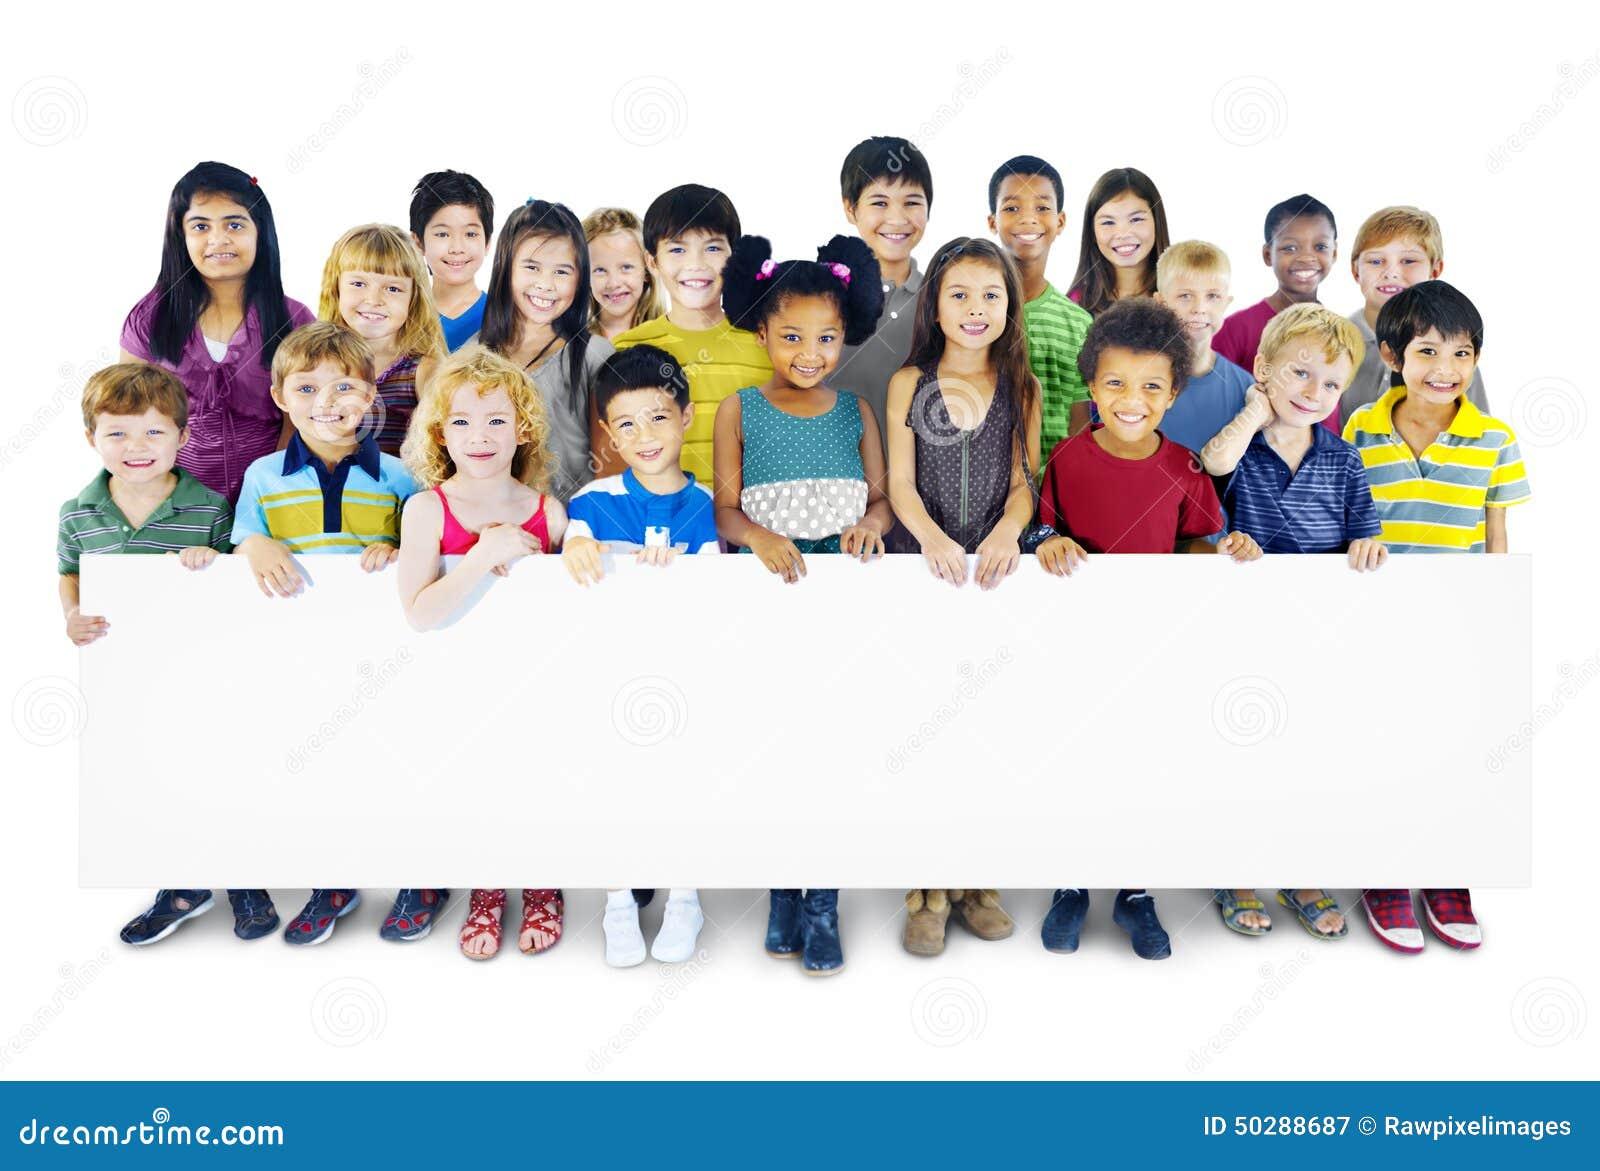 Έννοια ποικιλομορφίας ευτυχίας φιλίας παιδικής ηλικίας παιδιών παιδιών